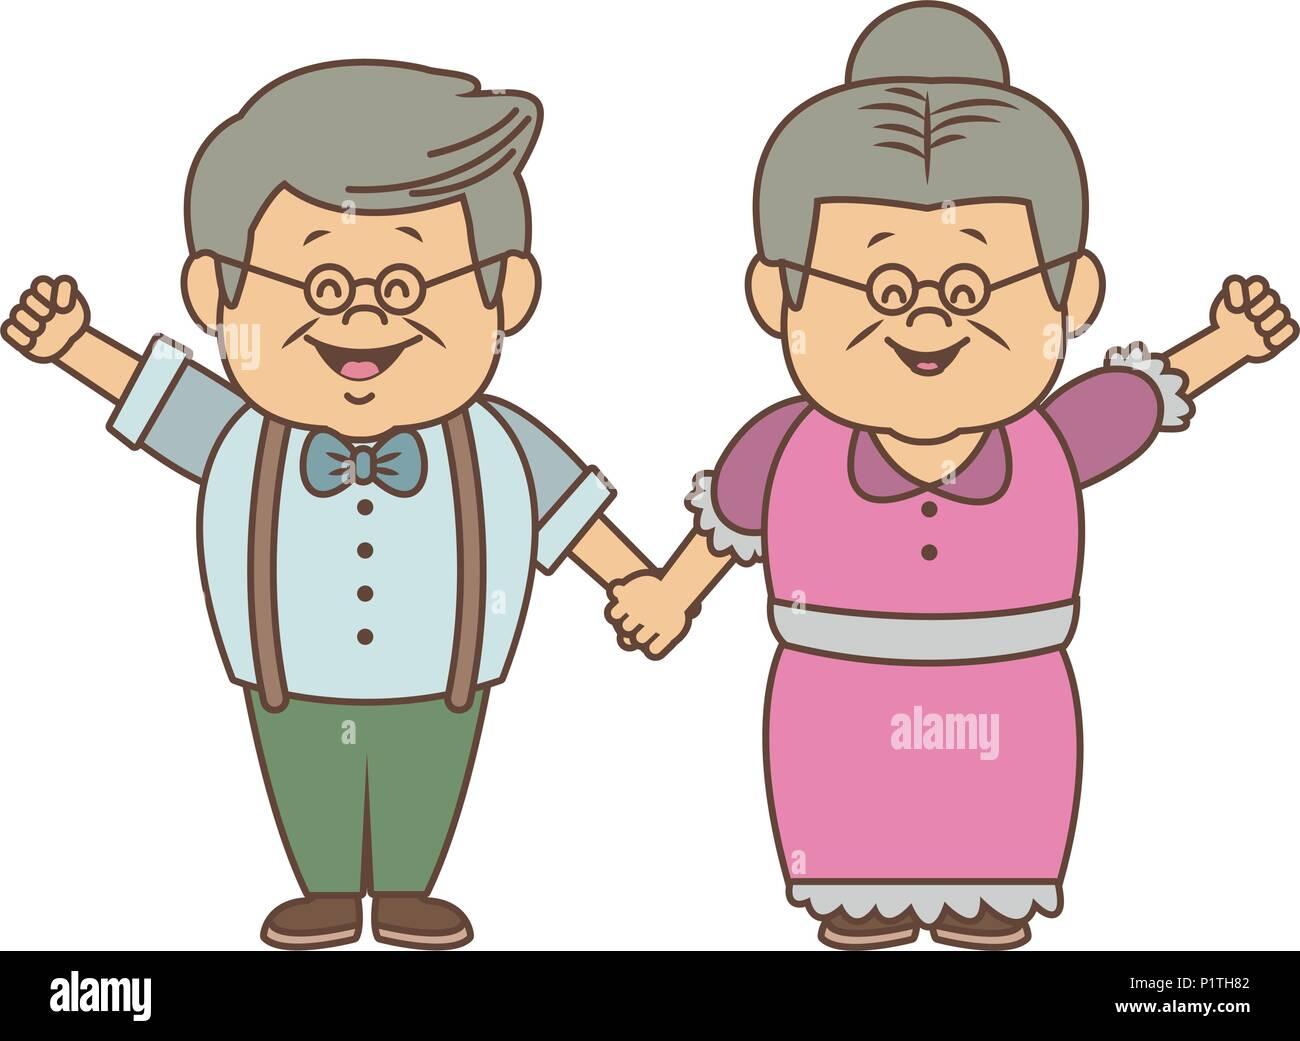 Los Abuelos Hermoso Par De Dibujos Animados Ilustración